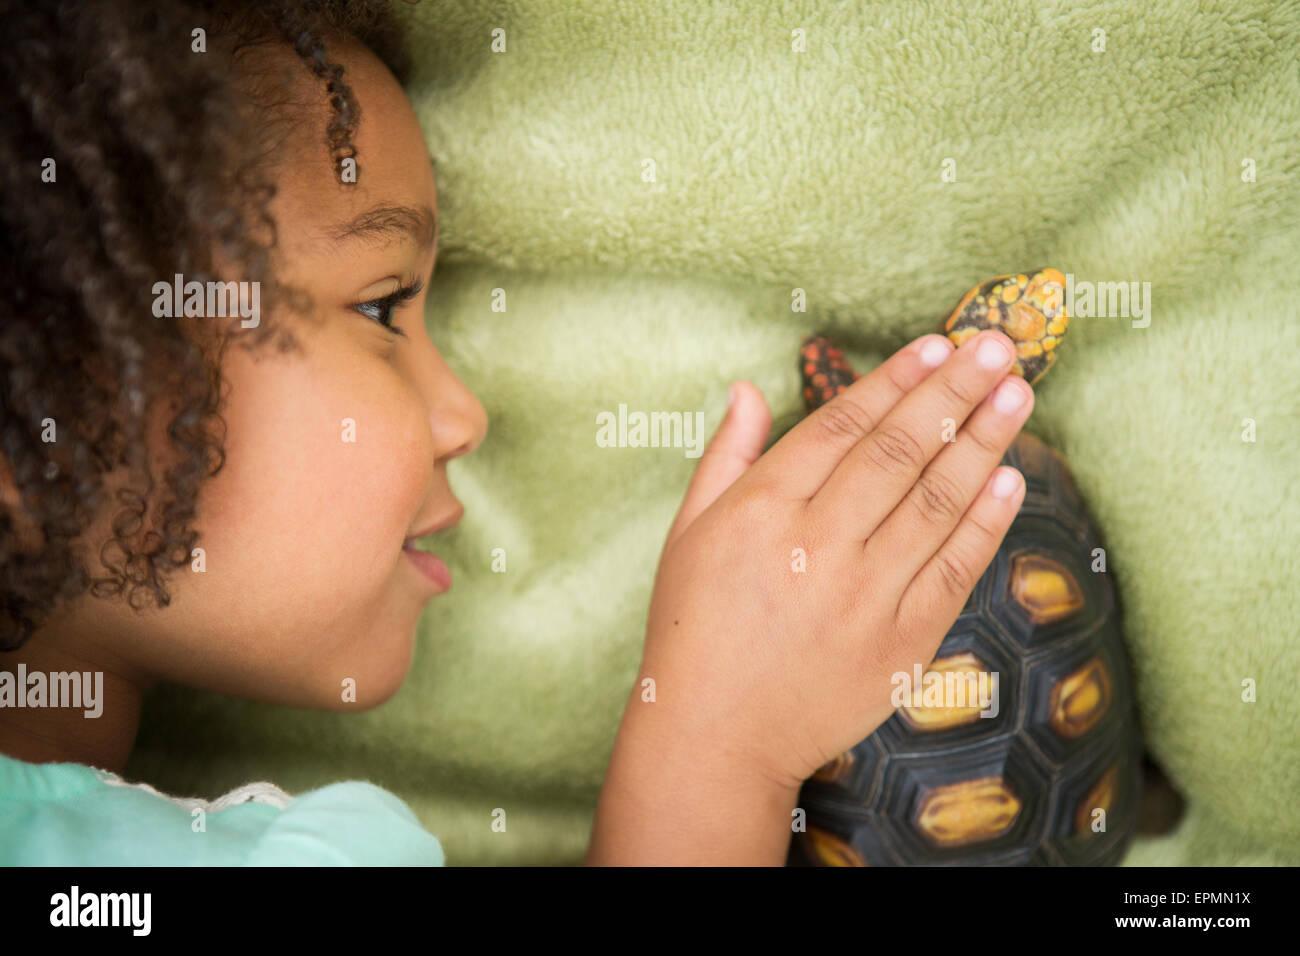 Una chica joven, observando detenidamente una tortuga. Imagen De Stock